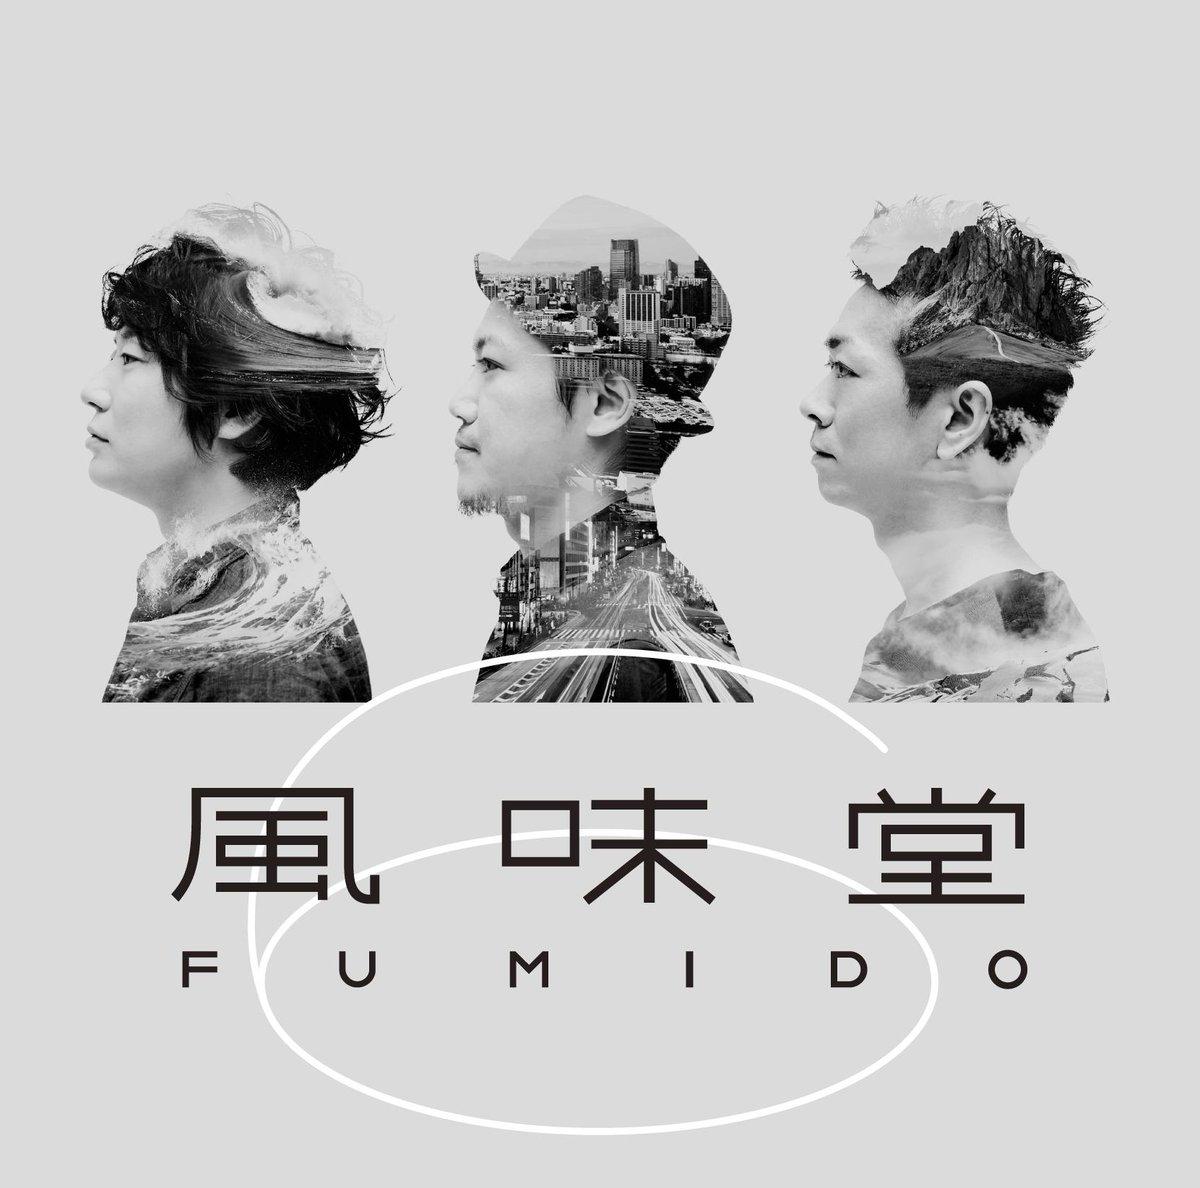 そして、本日の発表にあわせてジャケ写&新ビジュアルも公開しました! 3月4日(水)発売の6枚目のオリジナルアルバム「風味堂 6」ぜひチェックしてみてくださいっ!(ス) http://t.co/eXfDyHF71J